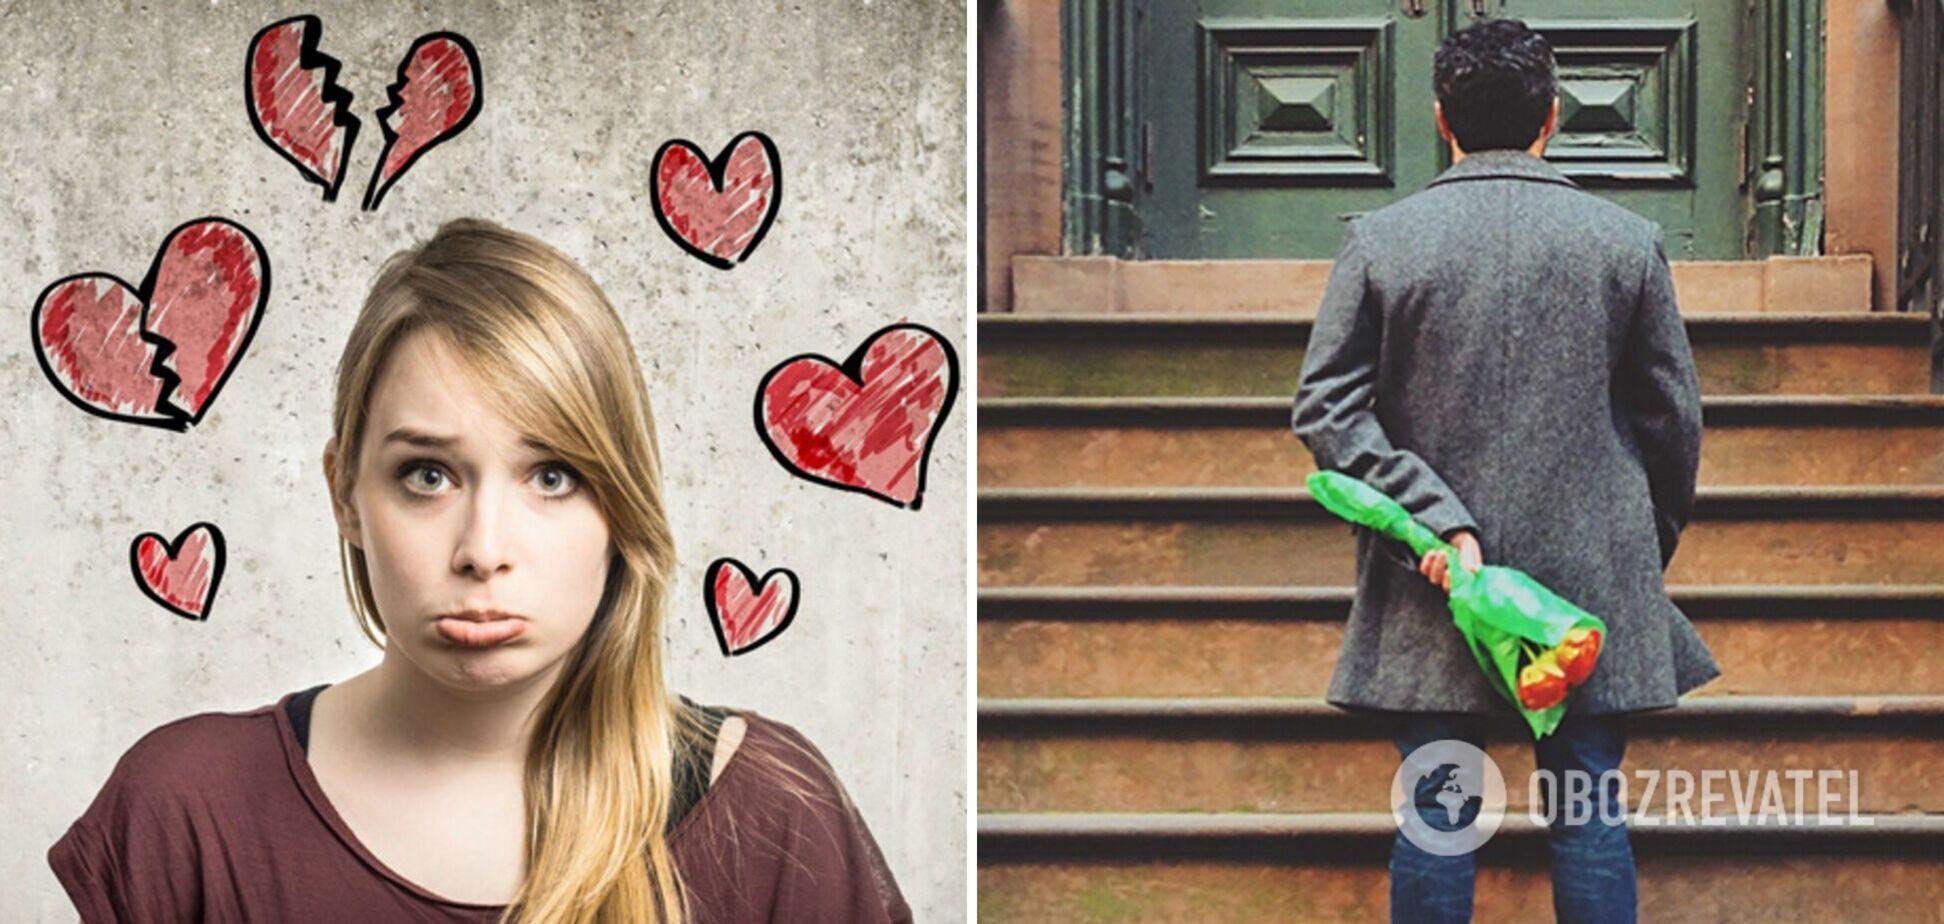 П'яти знакам зодіаку не щастить у коханні: їм потрібно зробити висновки і рухатися далі